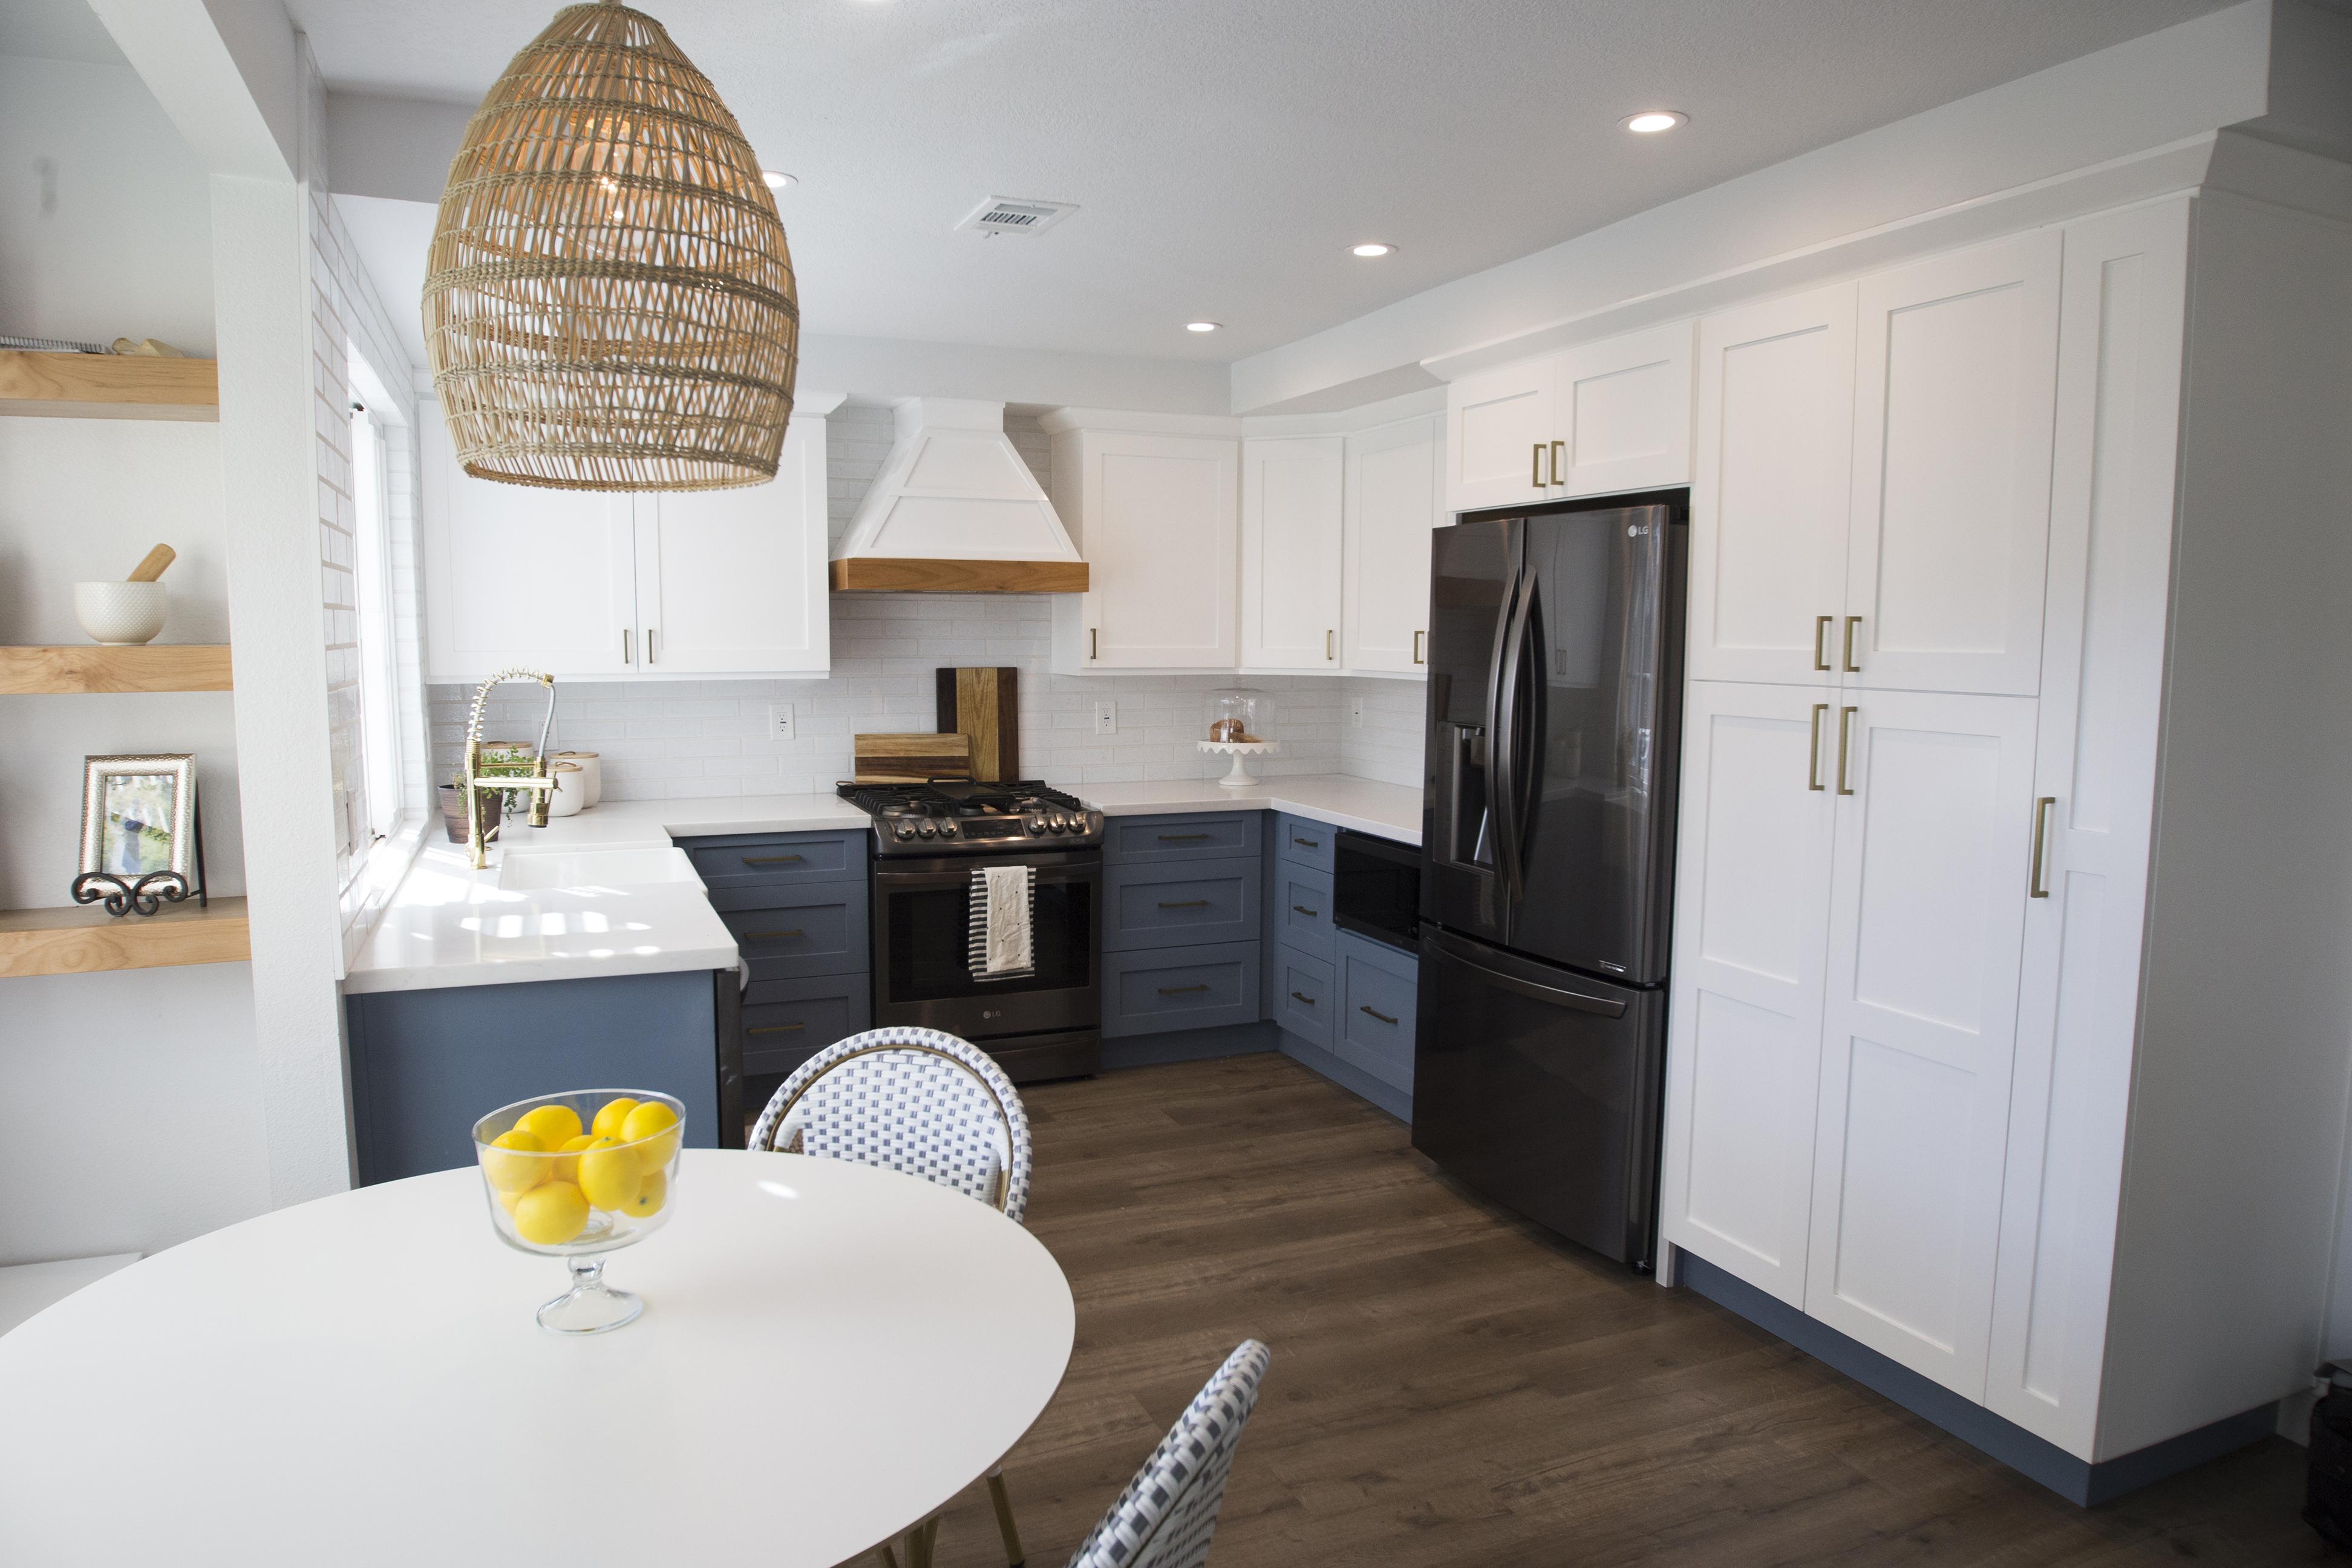 interior design kitchen remodel long beach